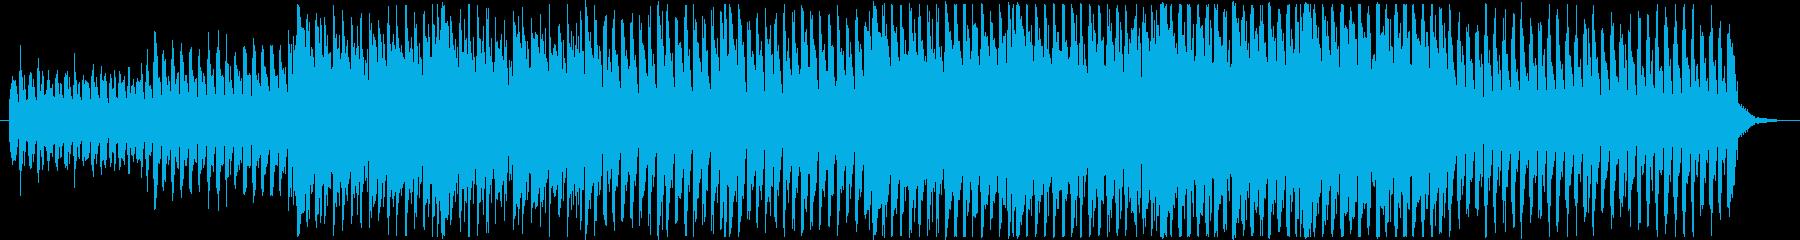 一生懸命働く人々を見守るフルート楽曲の再生済みの波形